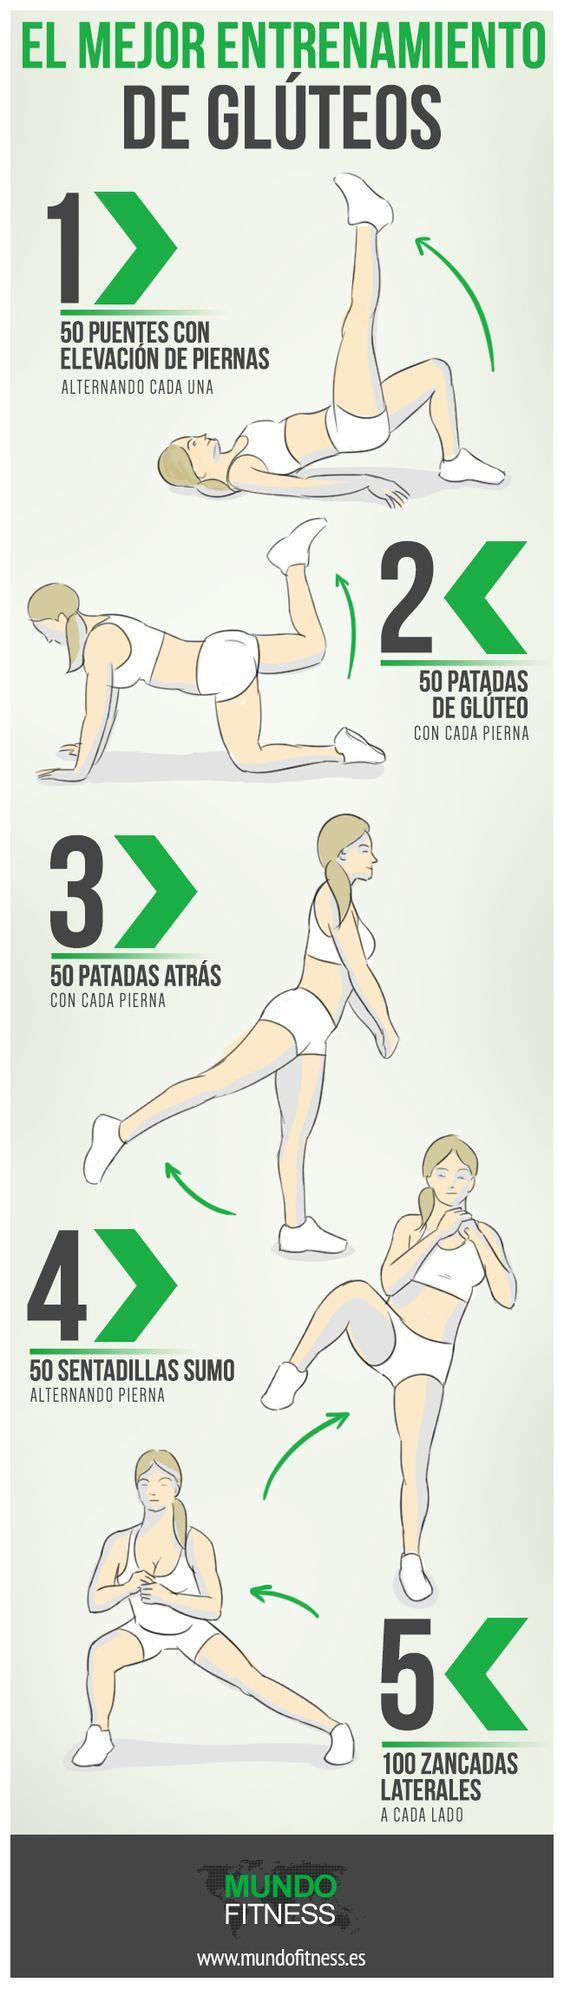 5 ejercicios que puedes hacer en casa para trabajar los glúteos.::